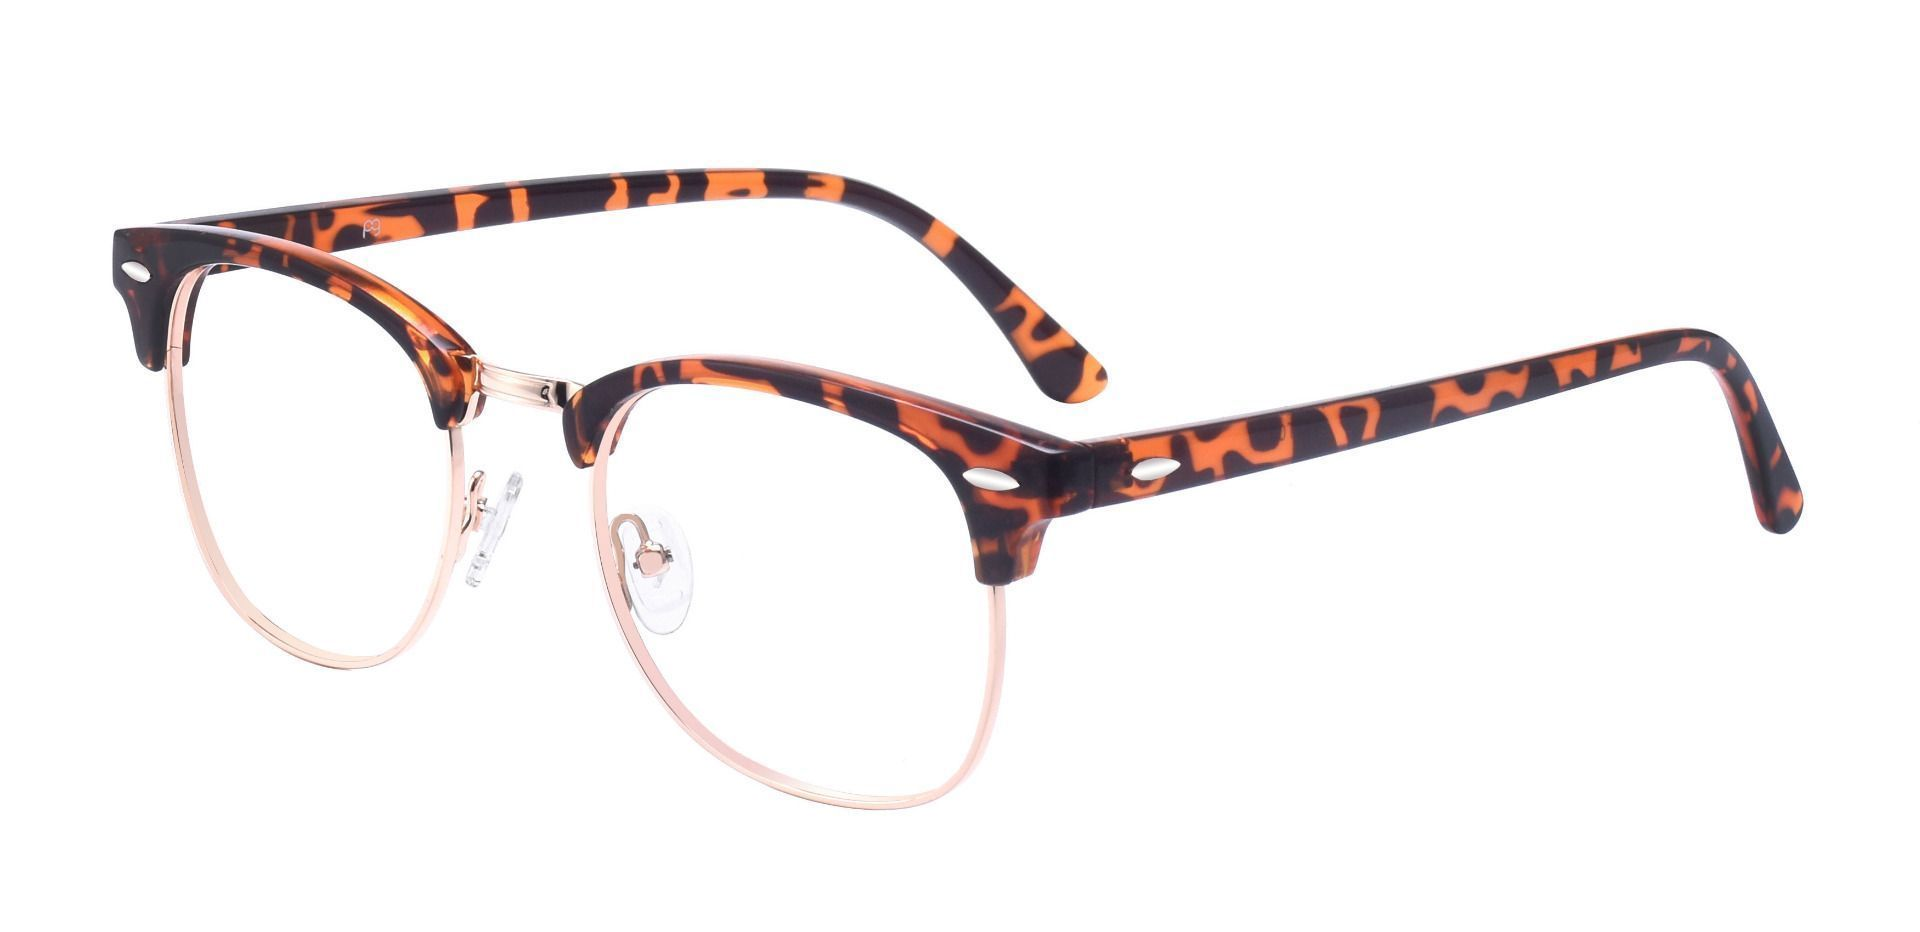 Salvatore Browline Prescription Glasses - Tortoise